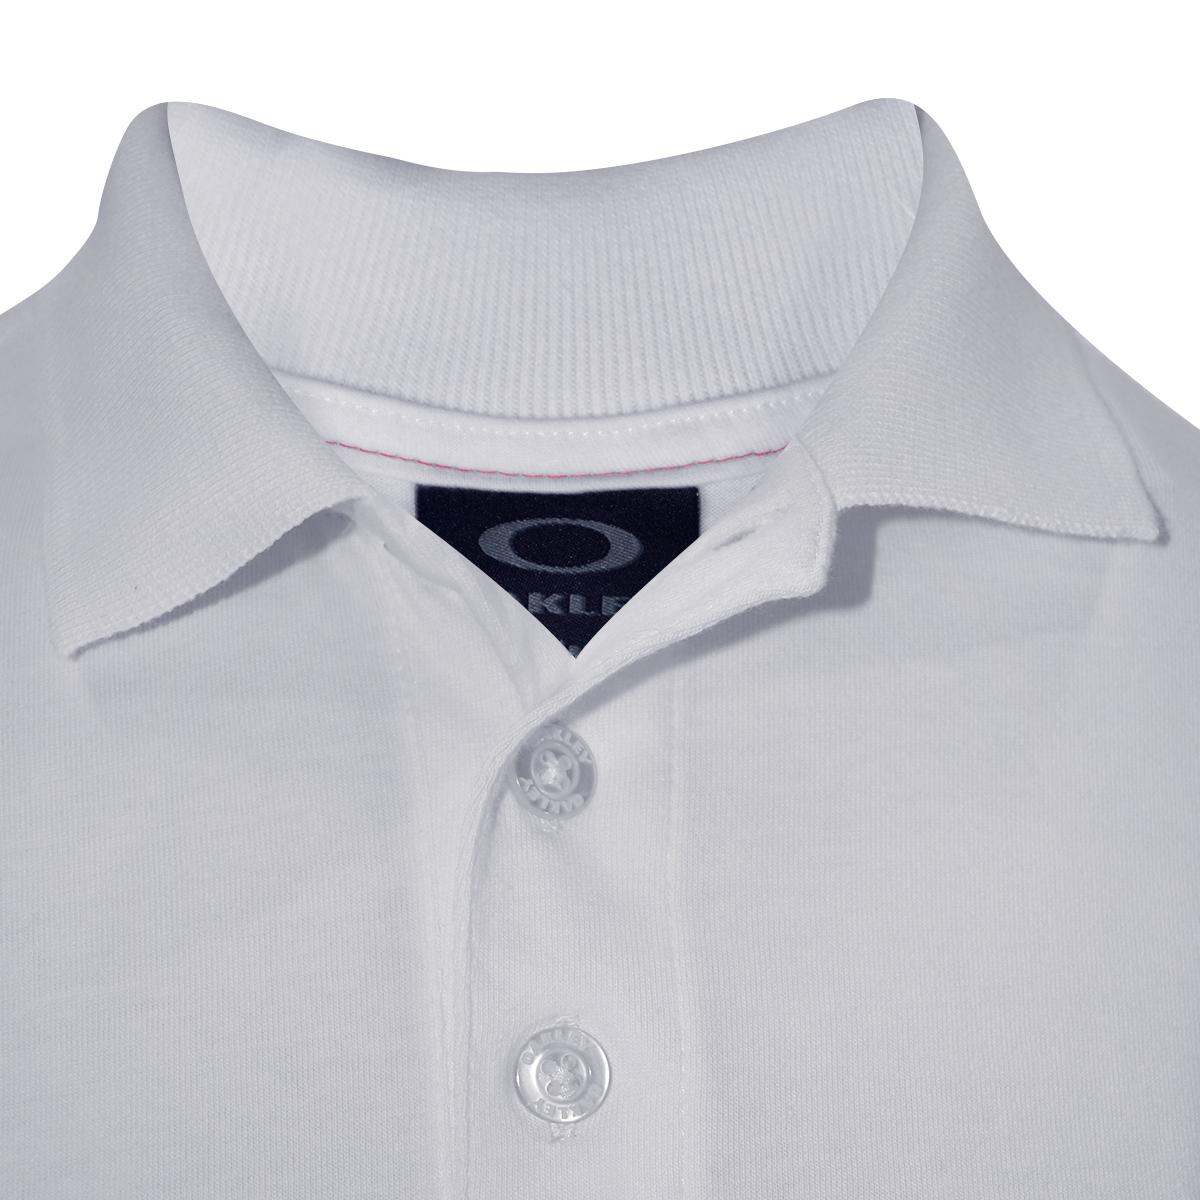 Camisetas Oakley Polo « One More Soul 77cb8a95e74